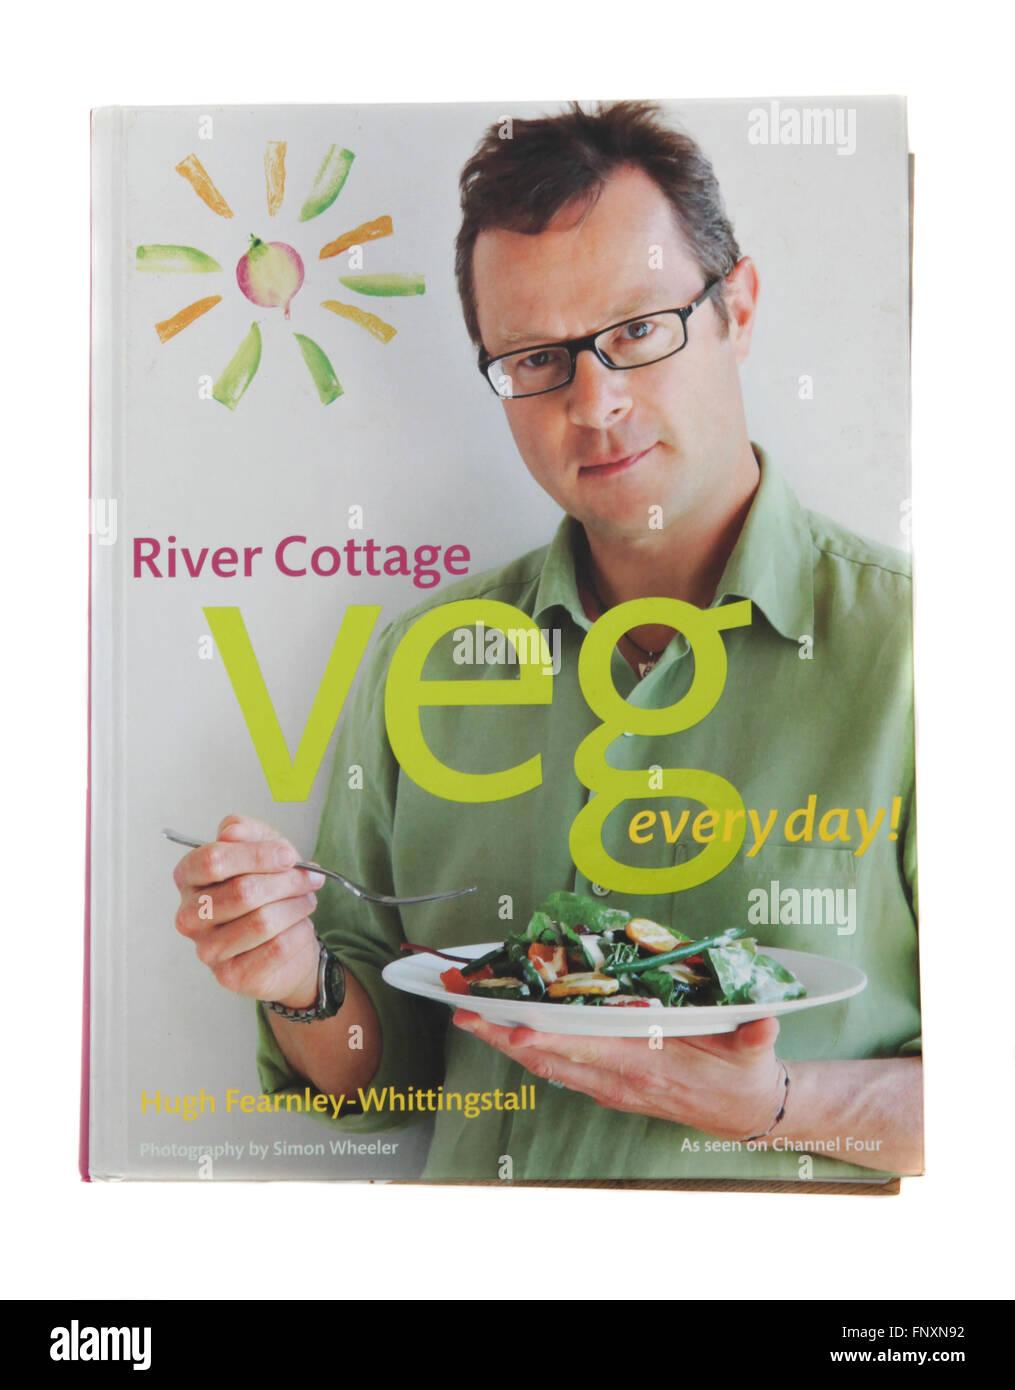 Le livre de recettes - River Cottage Veg chaque jour par Hugh Fearnley Whittingstall Photo Stock